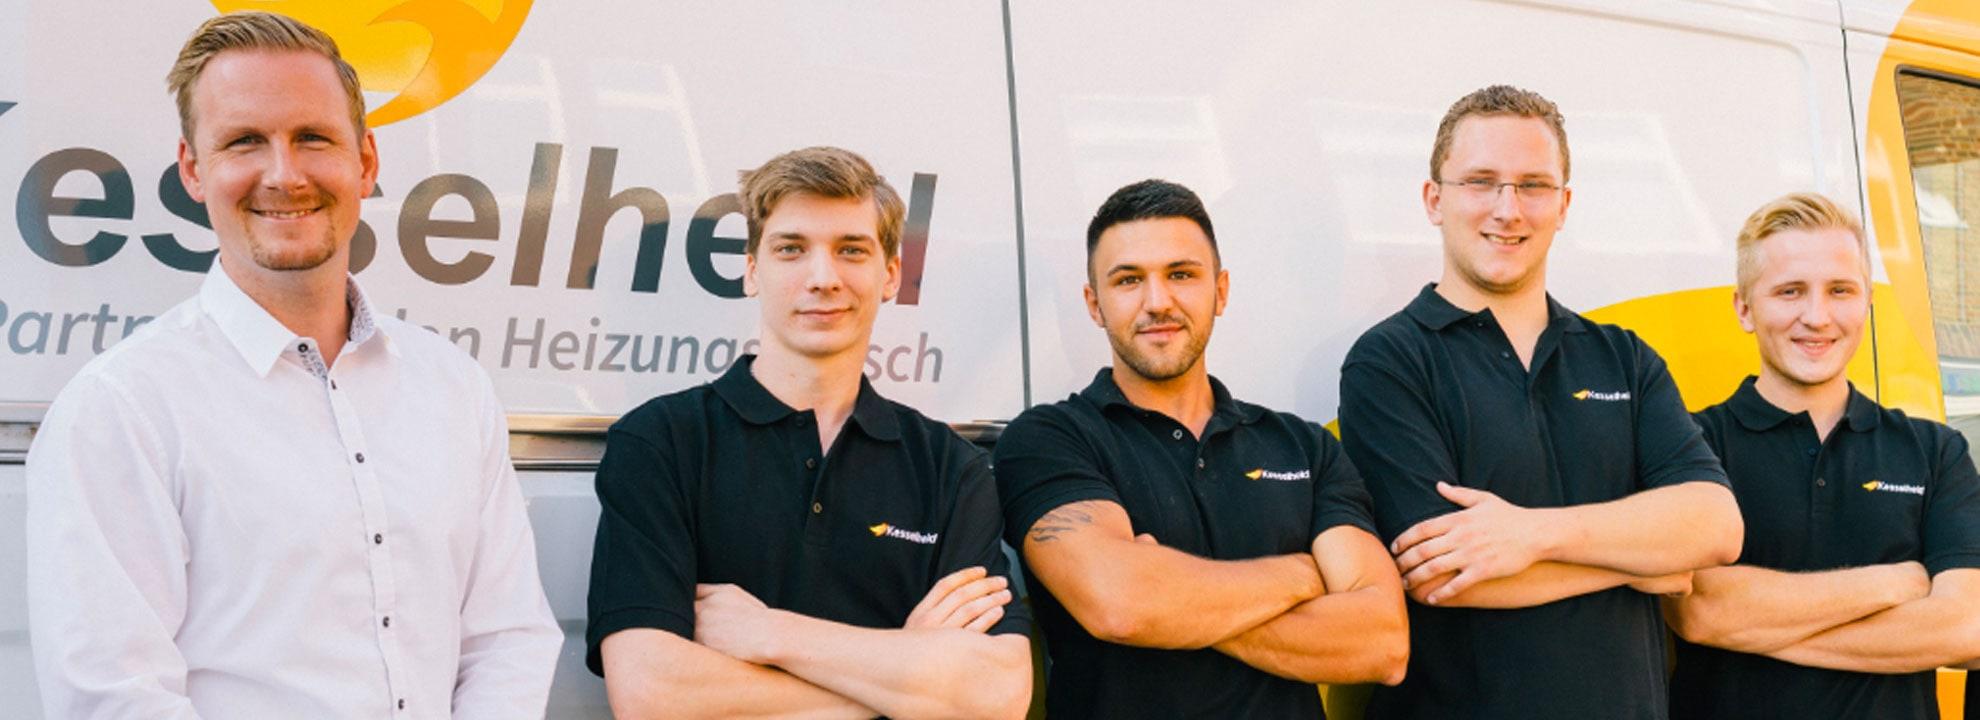 Kesselheld GmbH